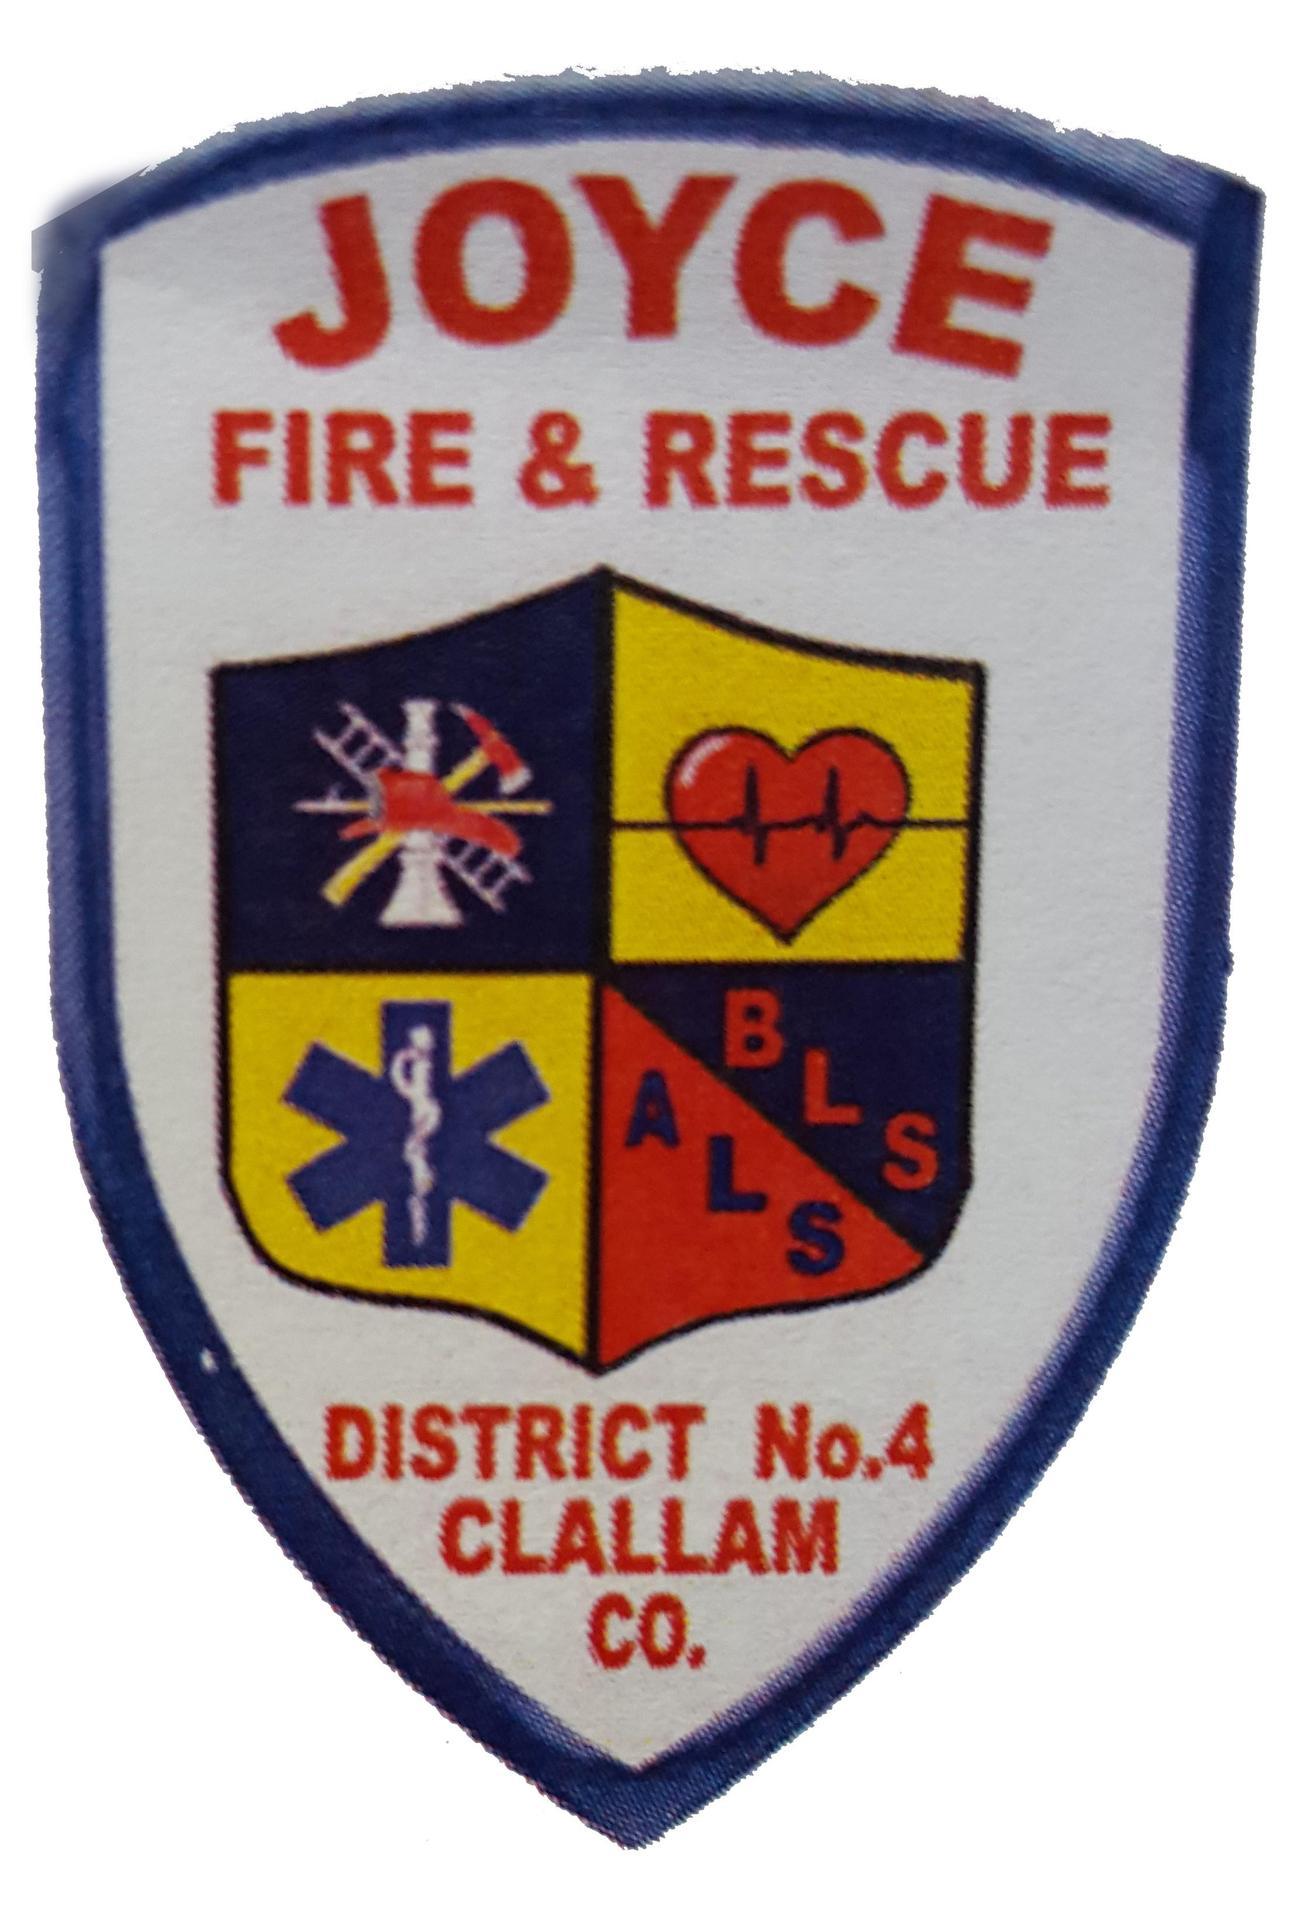 Joyce Fire District No. 4